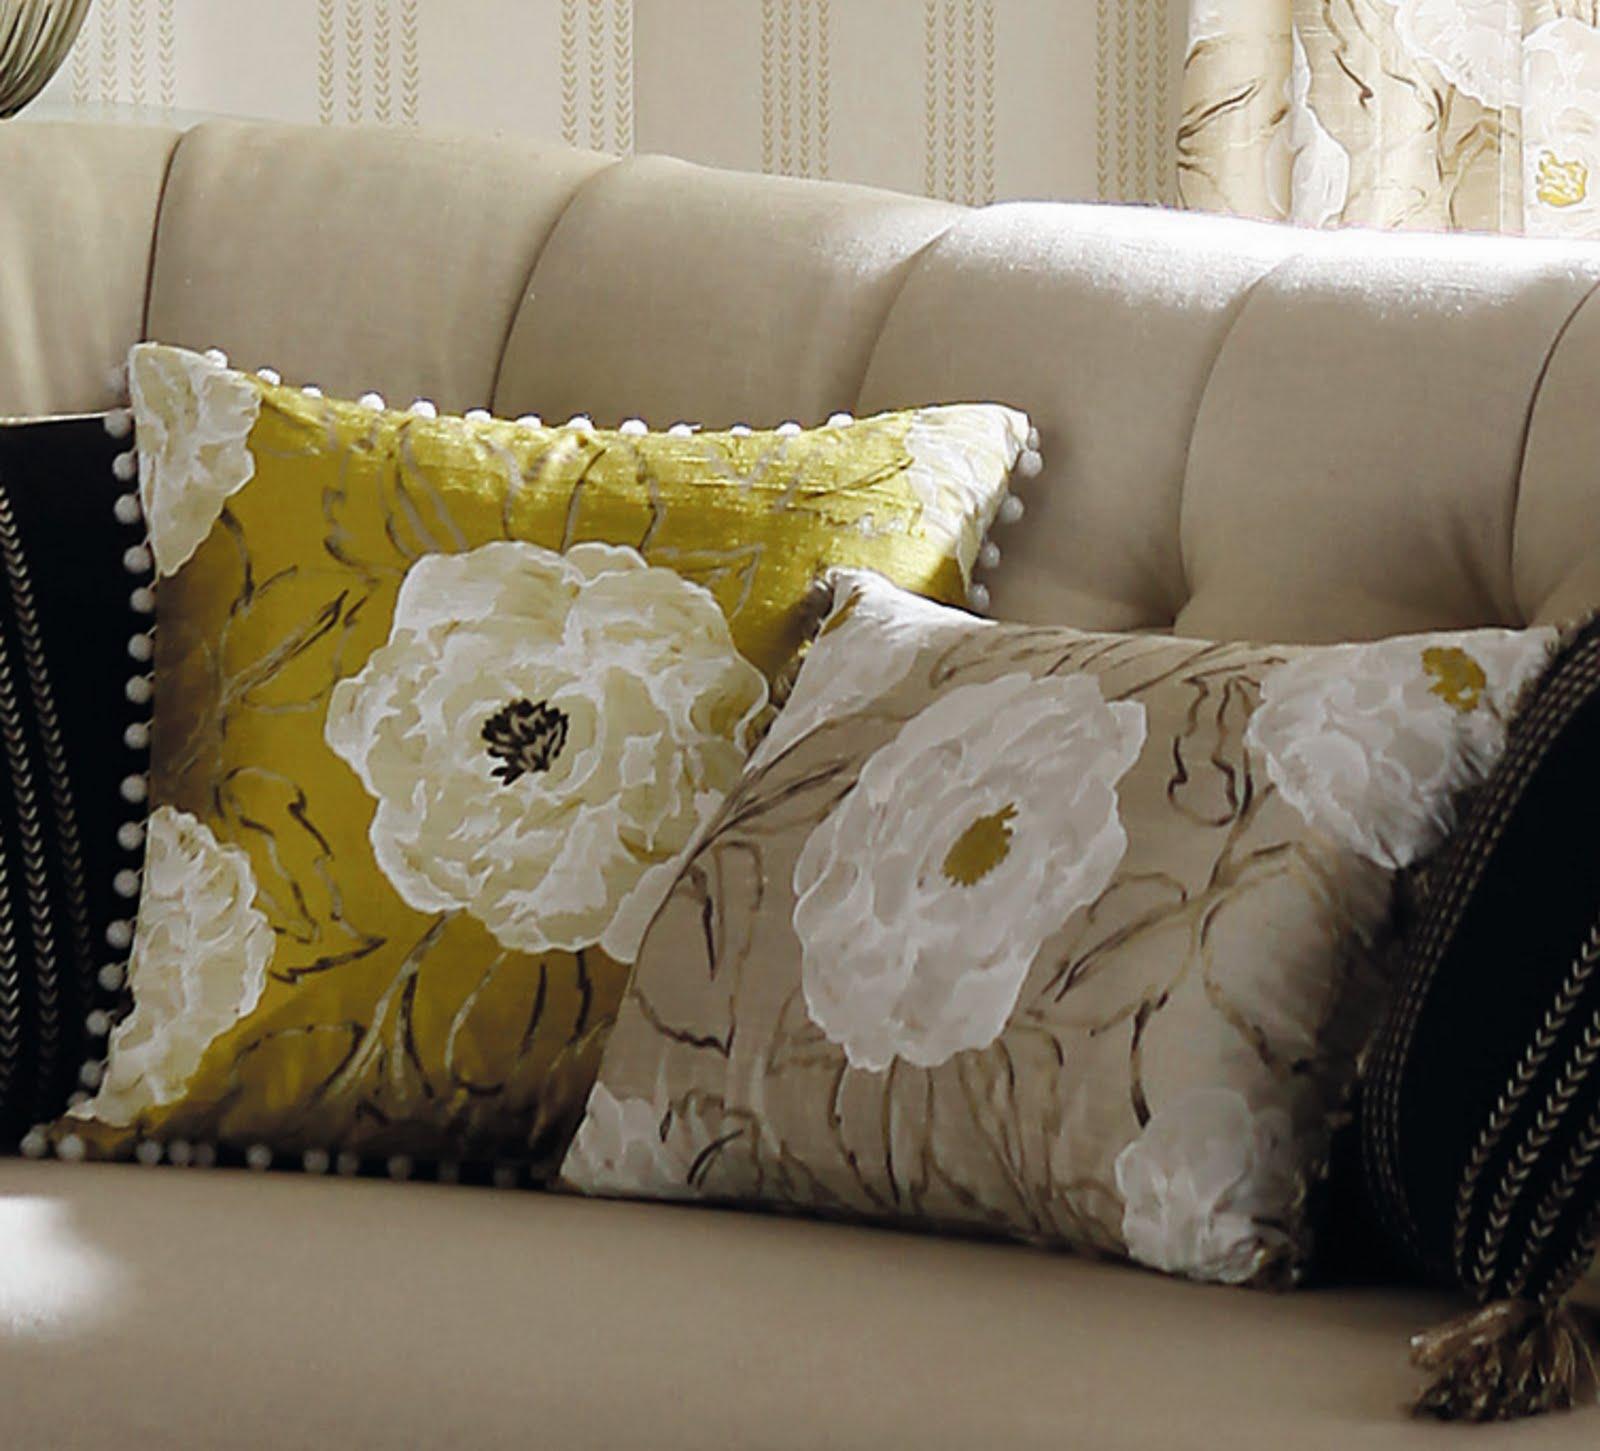 http://2.bp.blogspot.com/_2l6usBCwqa8/S7xJp4KgbTI/AAAAAAAAAMI/Xz9hIvj7nko/s1600/Interiors+Trends+-+Rosella+Silk+by+Harlequin.jpg